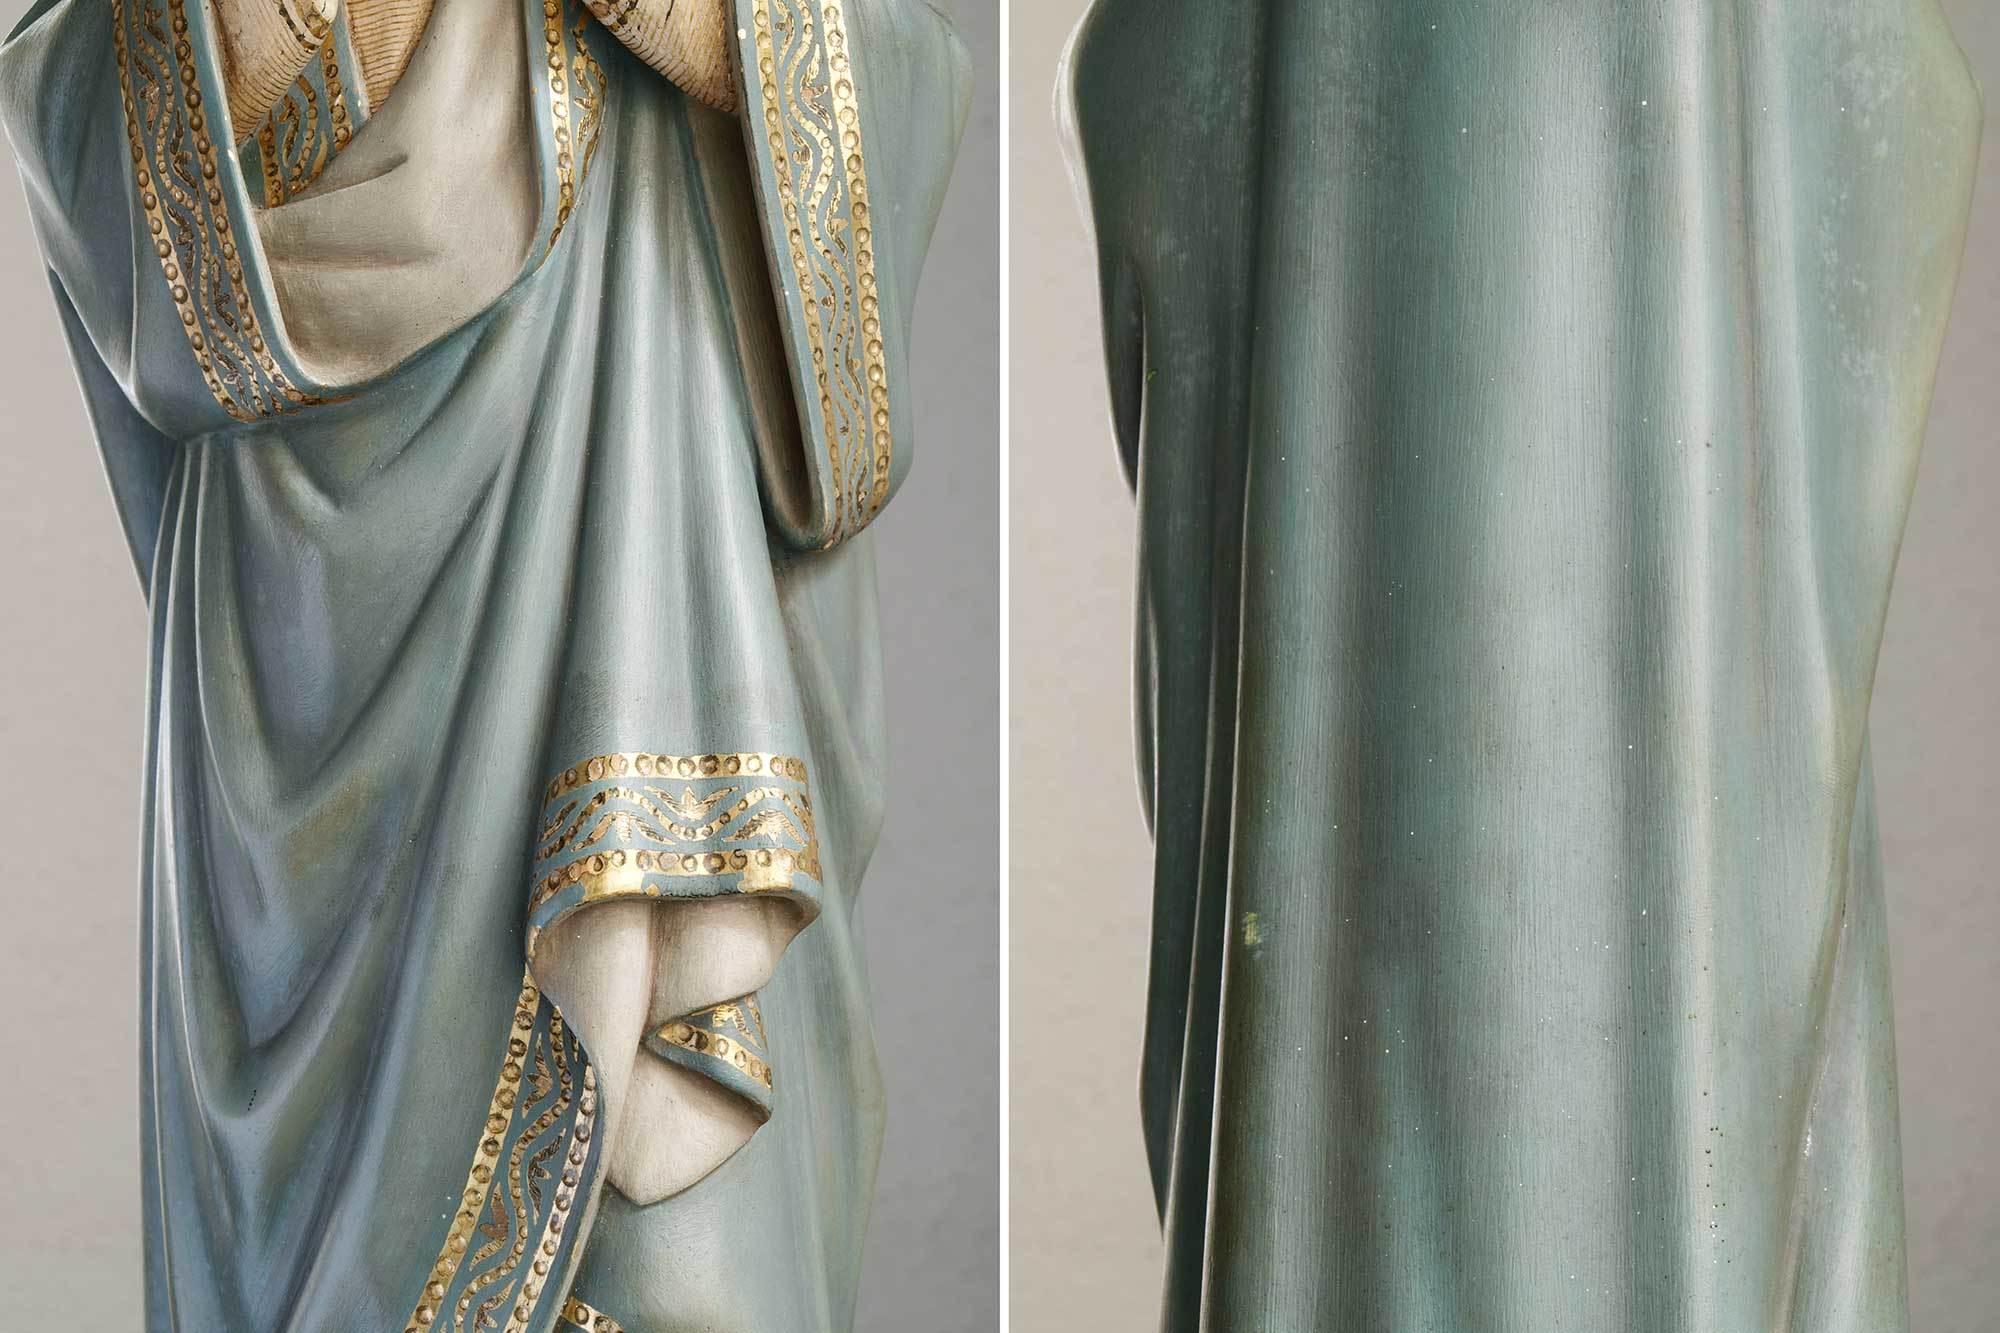 胸に手を当てる聖母マリア像   /G694_e0324838_01572462.jpg